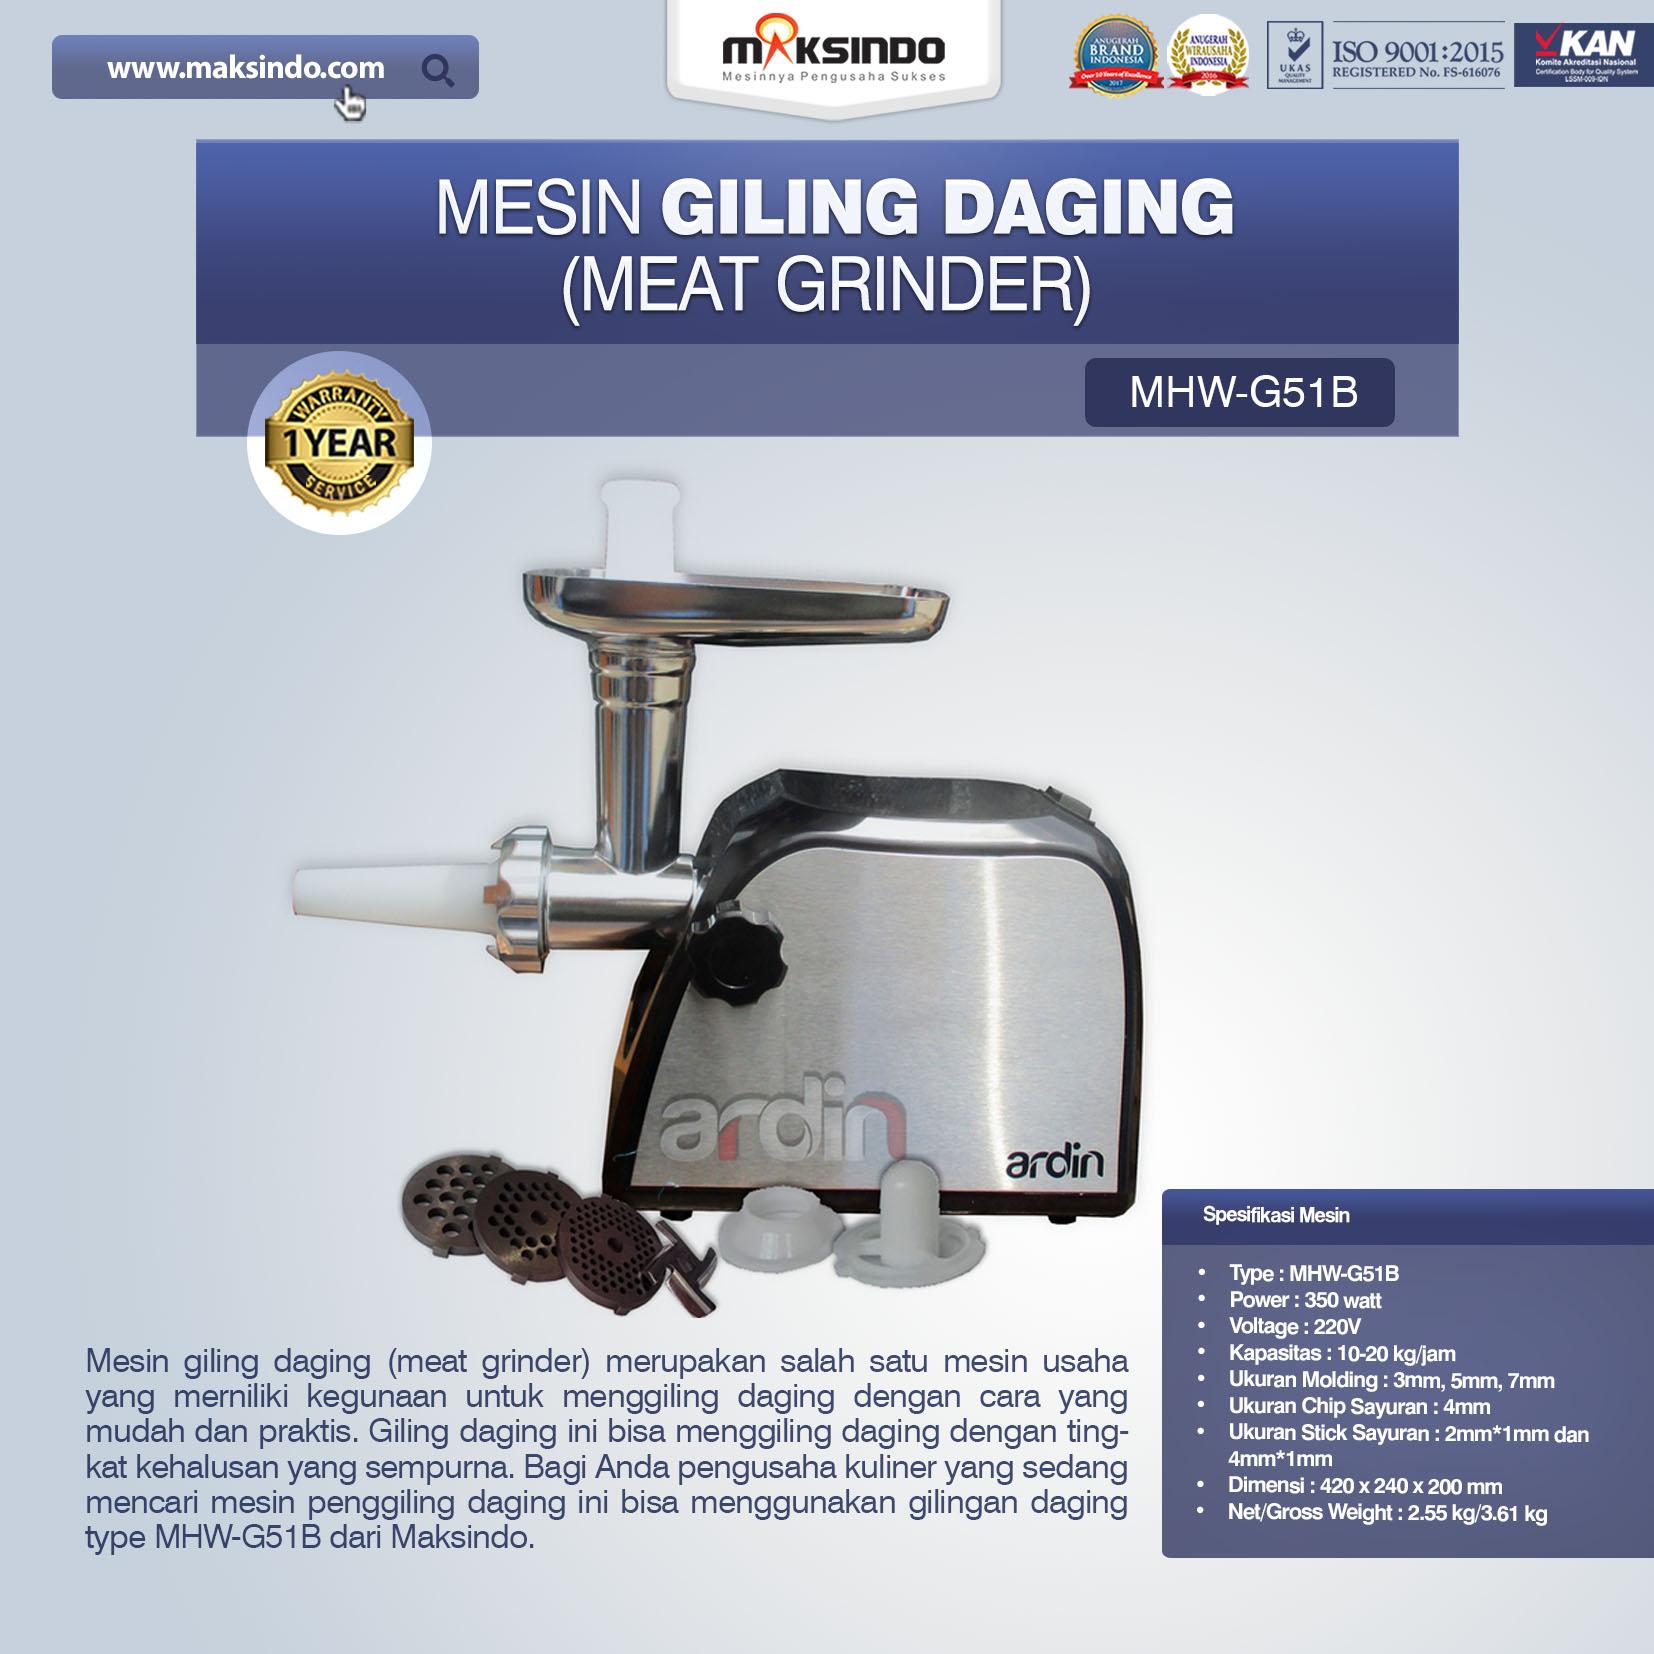 Jual Mesin Giling Daging (Meat Grinder) MHW-G51B di Tangerang